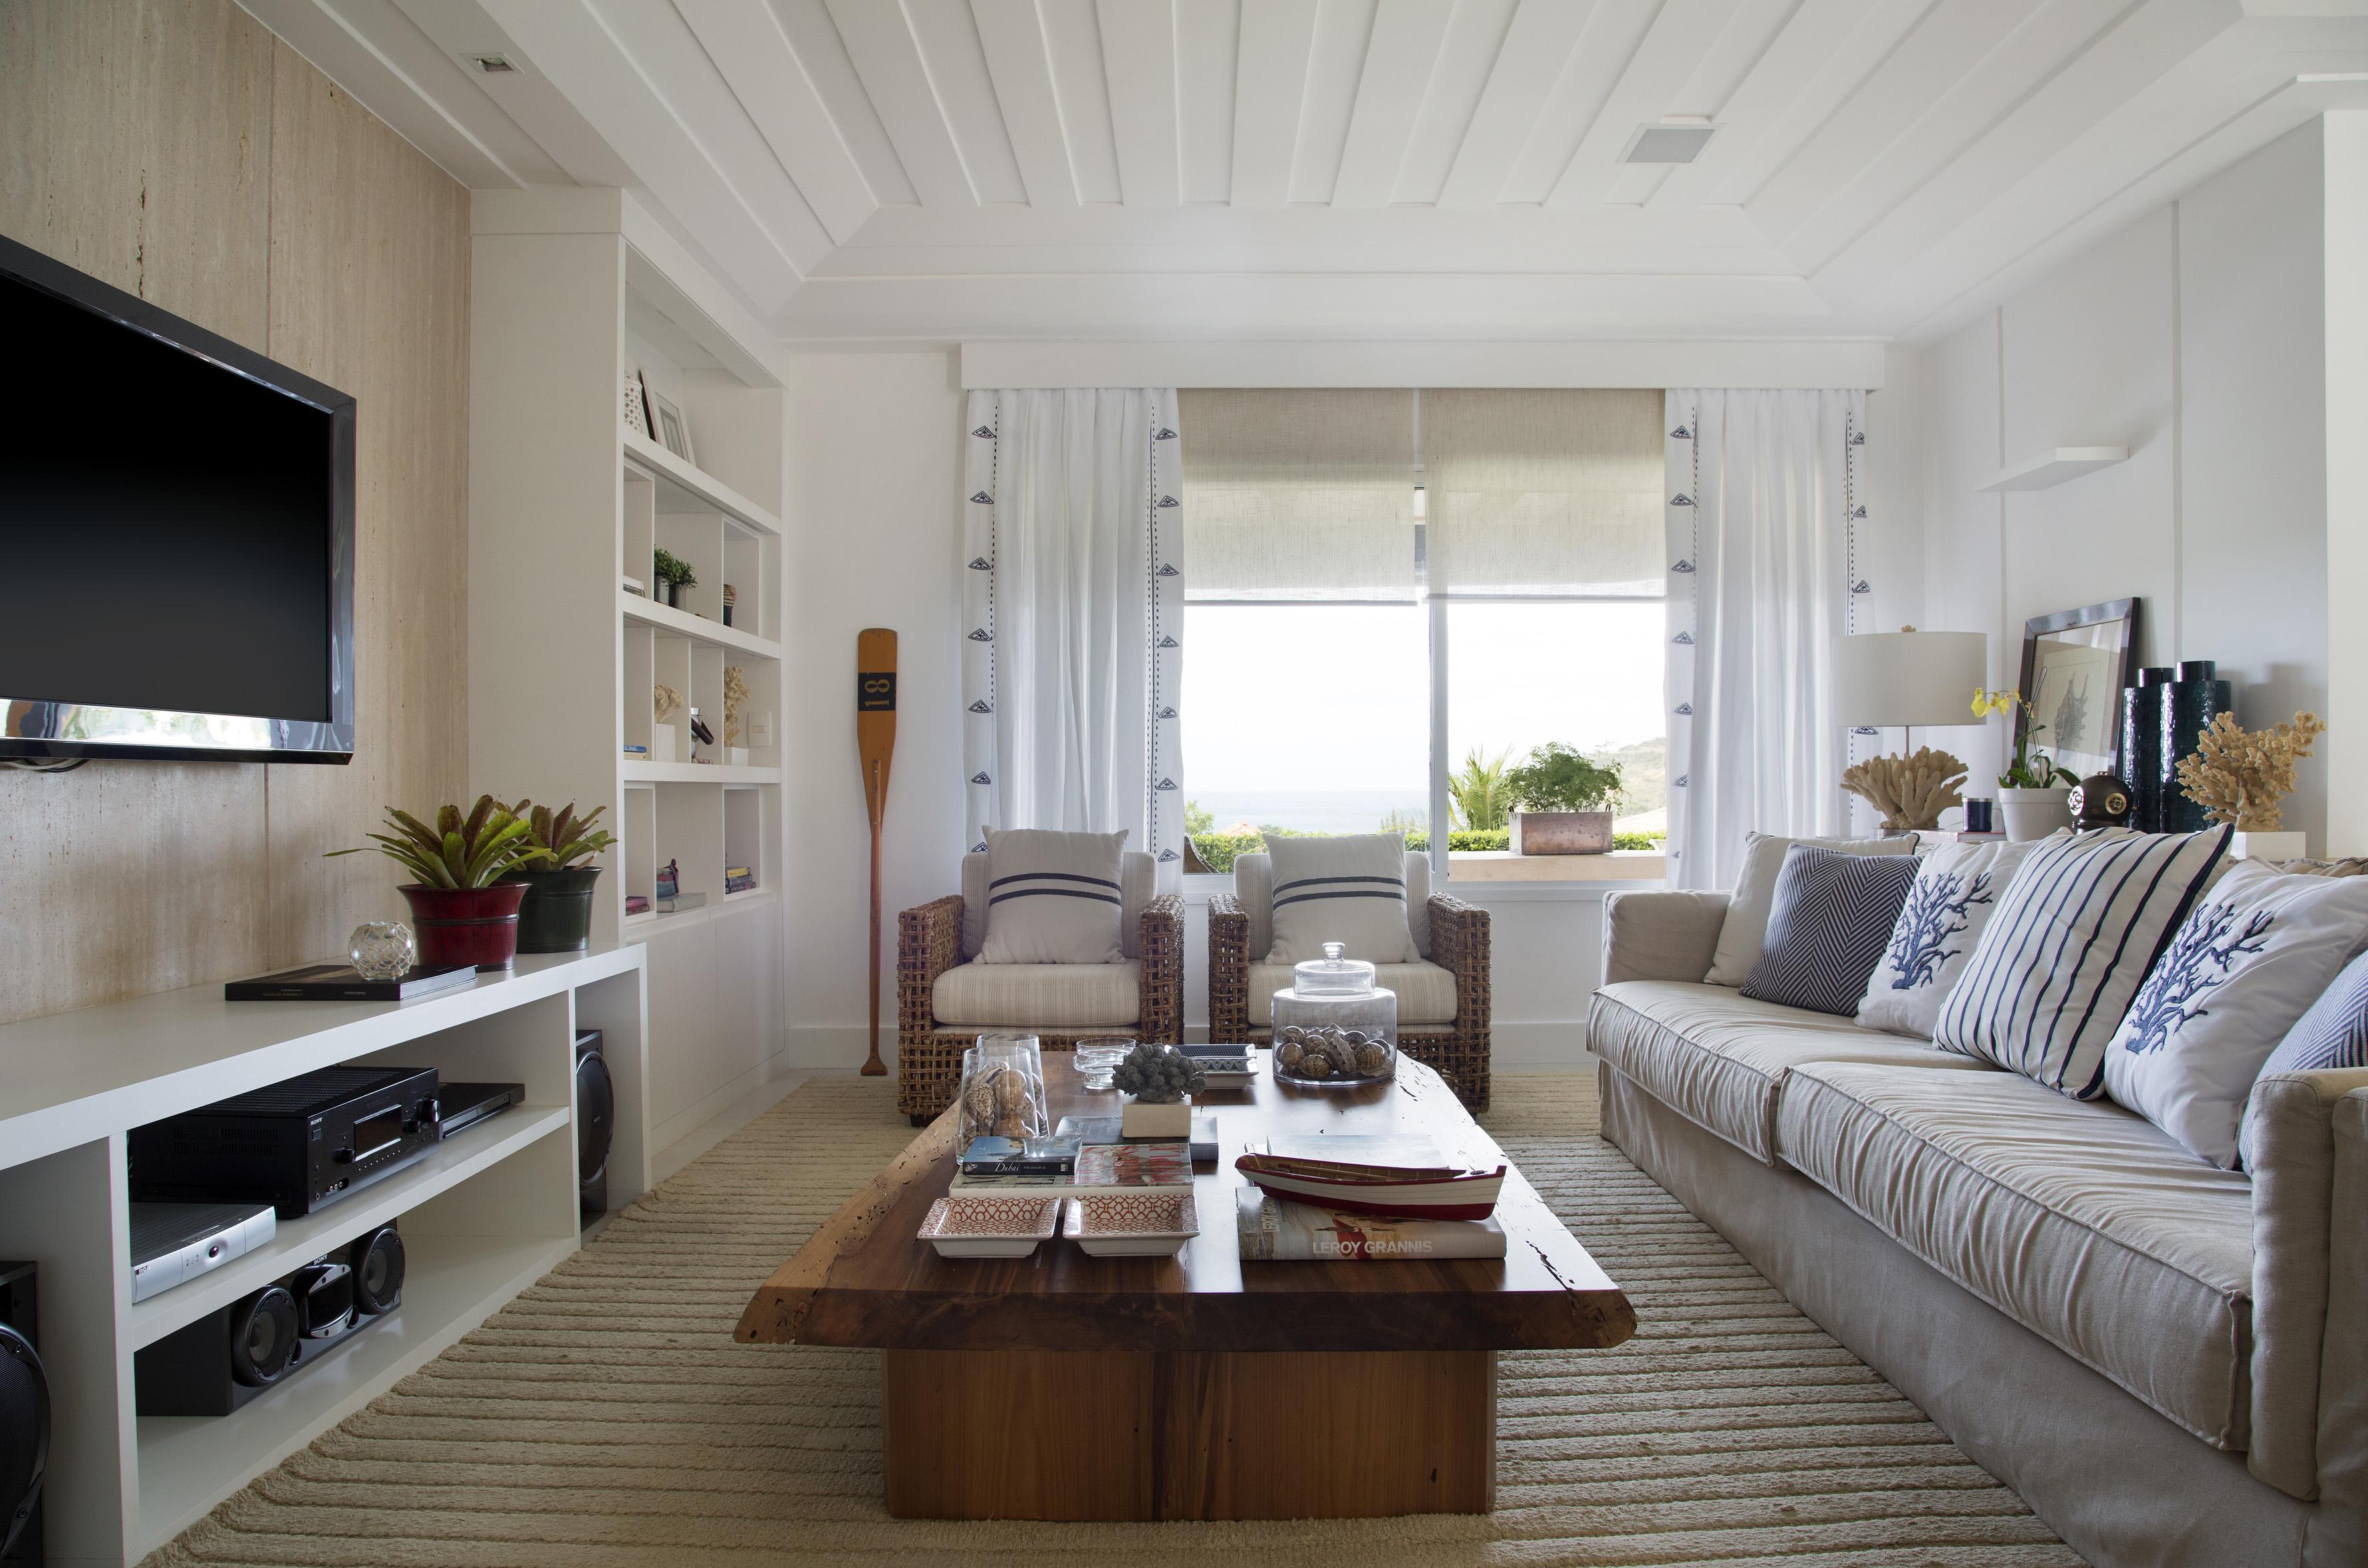 2-casa-em-buzios-foi-inspirada-no-glamour-nautico-dos-hamptons-sala